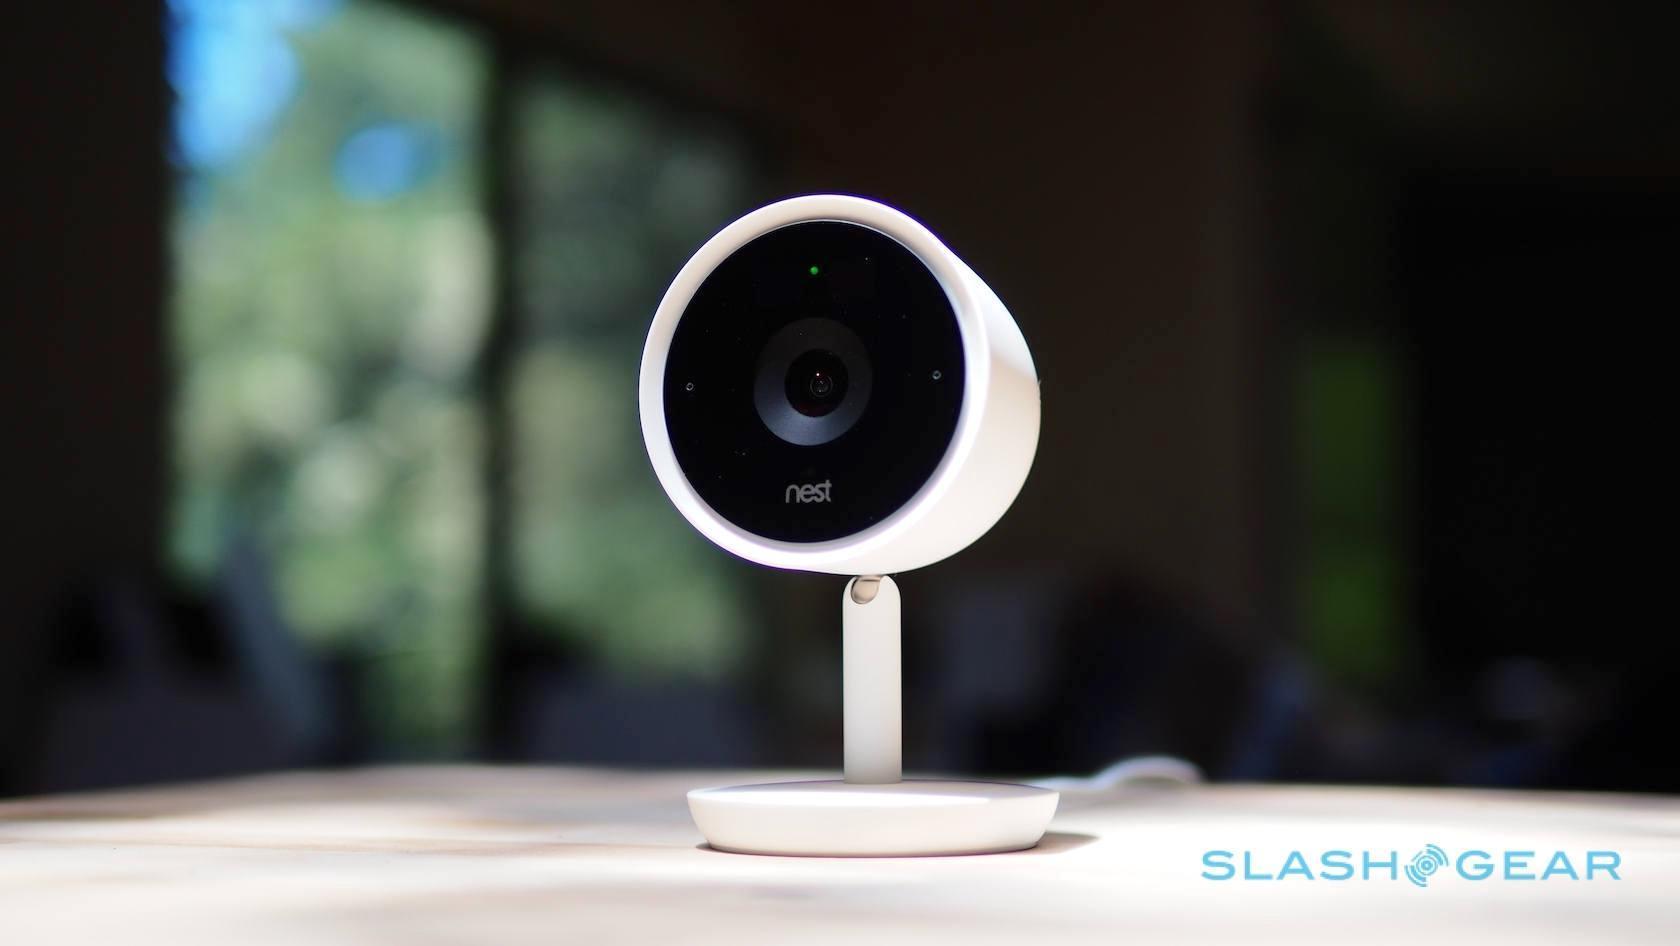 Nest responde a relatórios de invasão de segurança doméstica